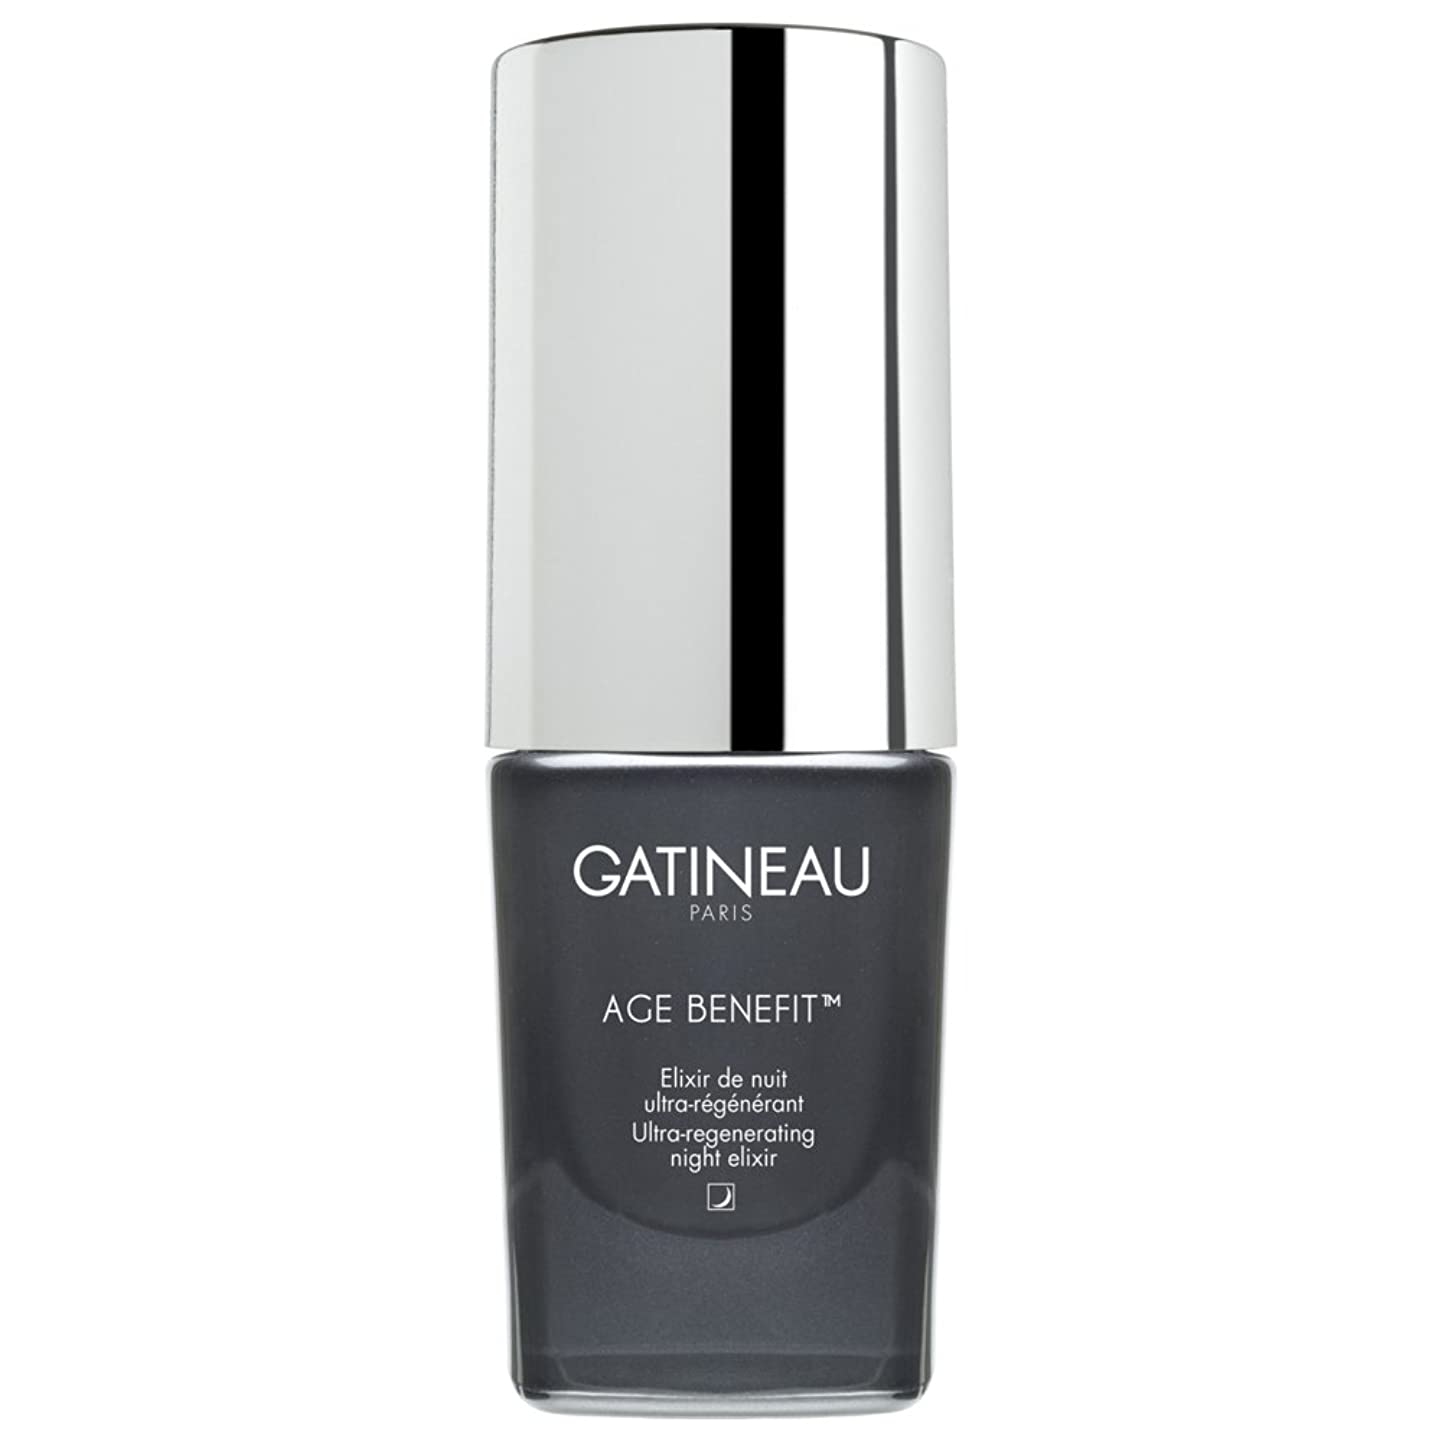 安定しました温度計欠如ガティノー年齢給付超再生夜のエリクシルの15ミリリットル (Gatineau) - Gatineau Age Benefit Ultra-Regenerating Night Elixir 15ml [並行輸入品]